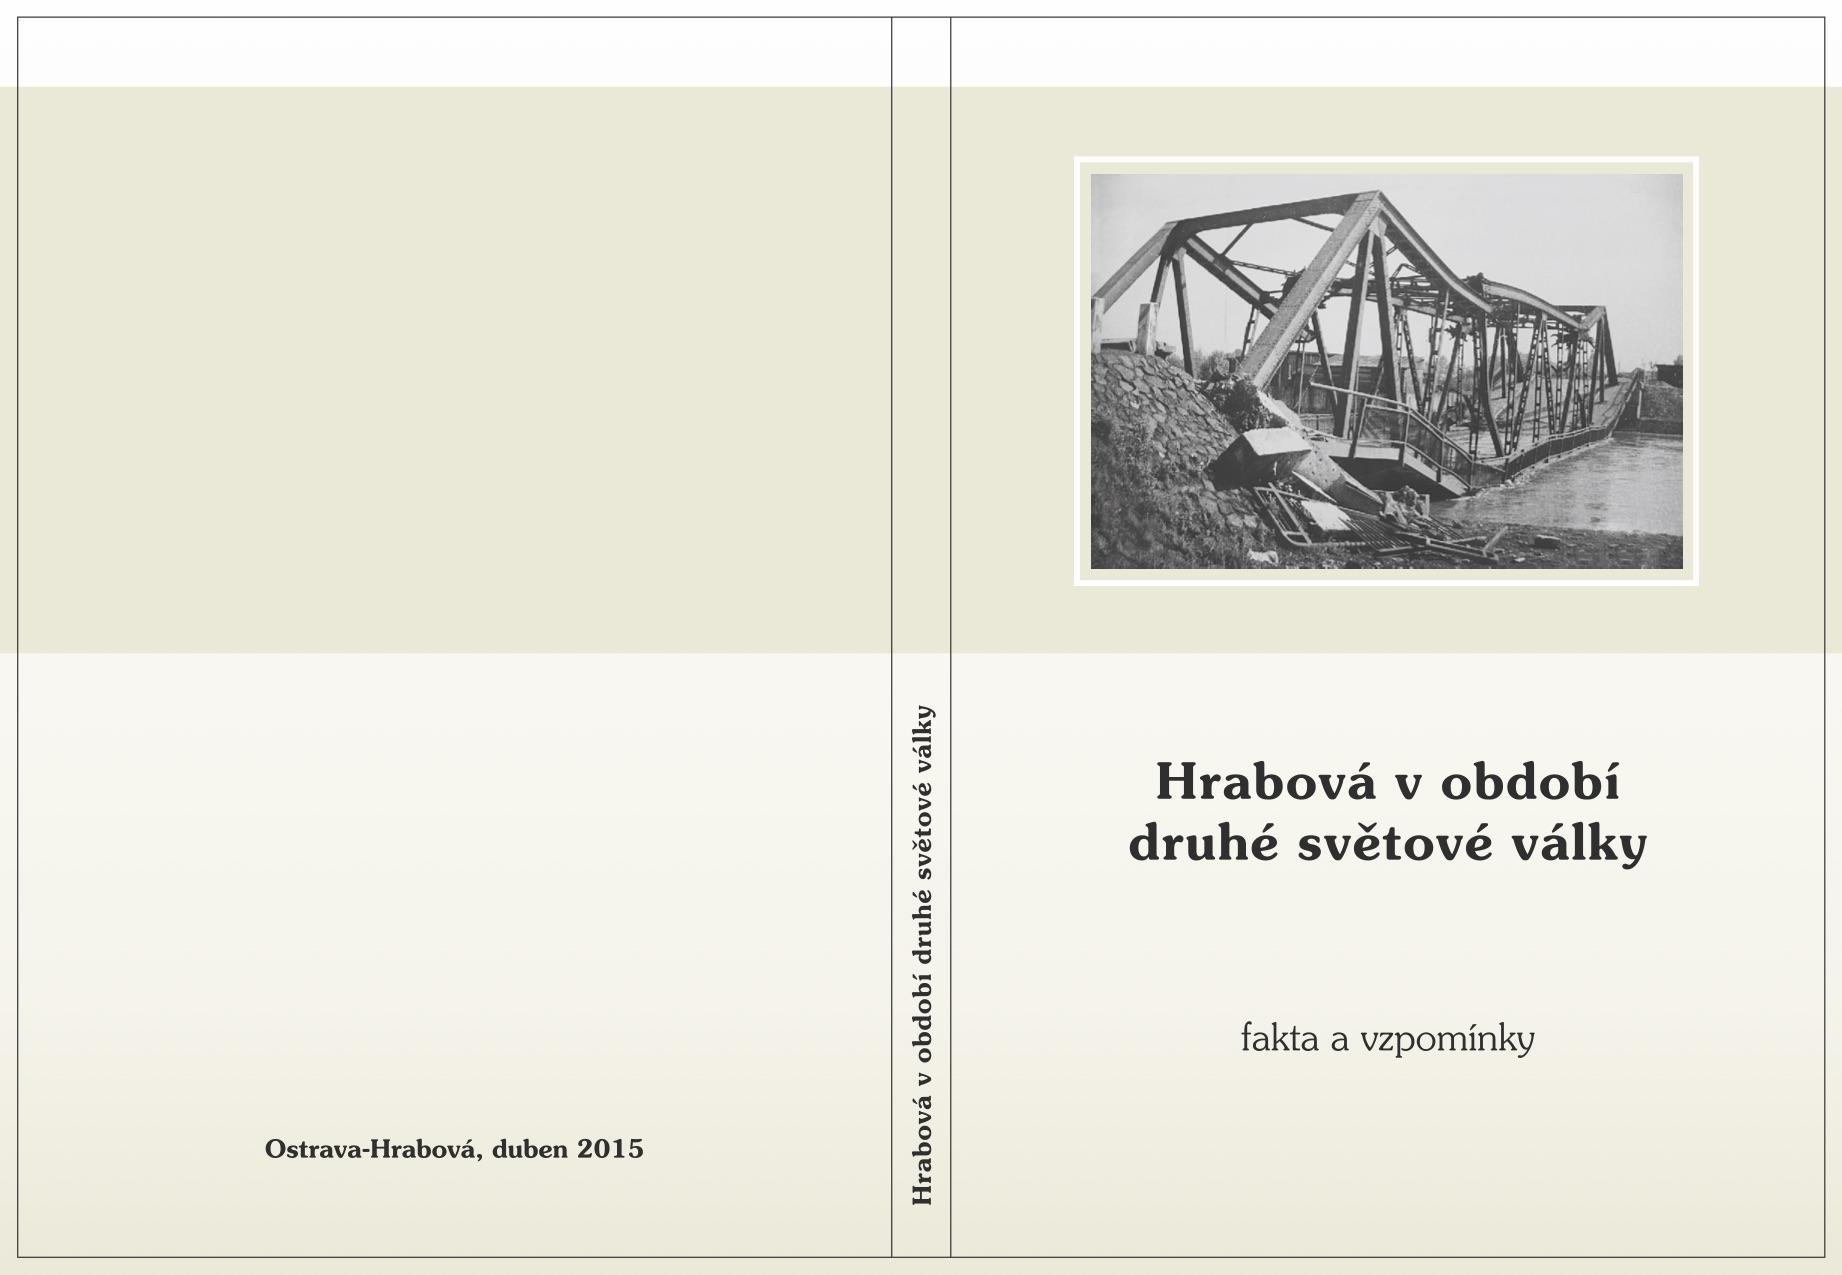 Publikace Hrabová vobdobí druhé světové války dostupná veřejnosti